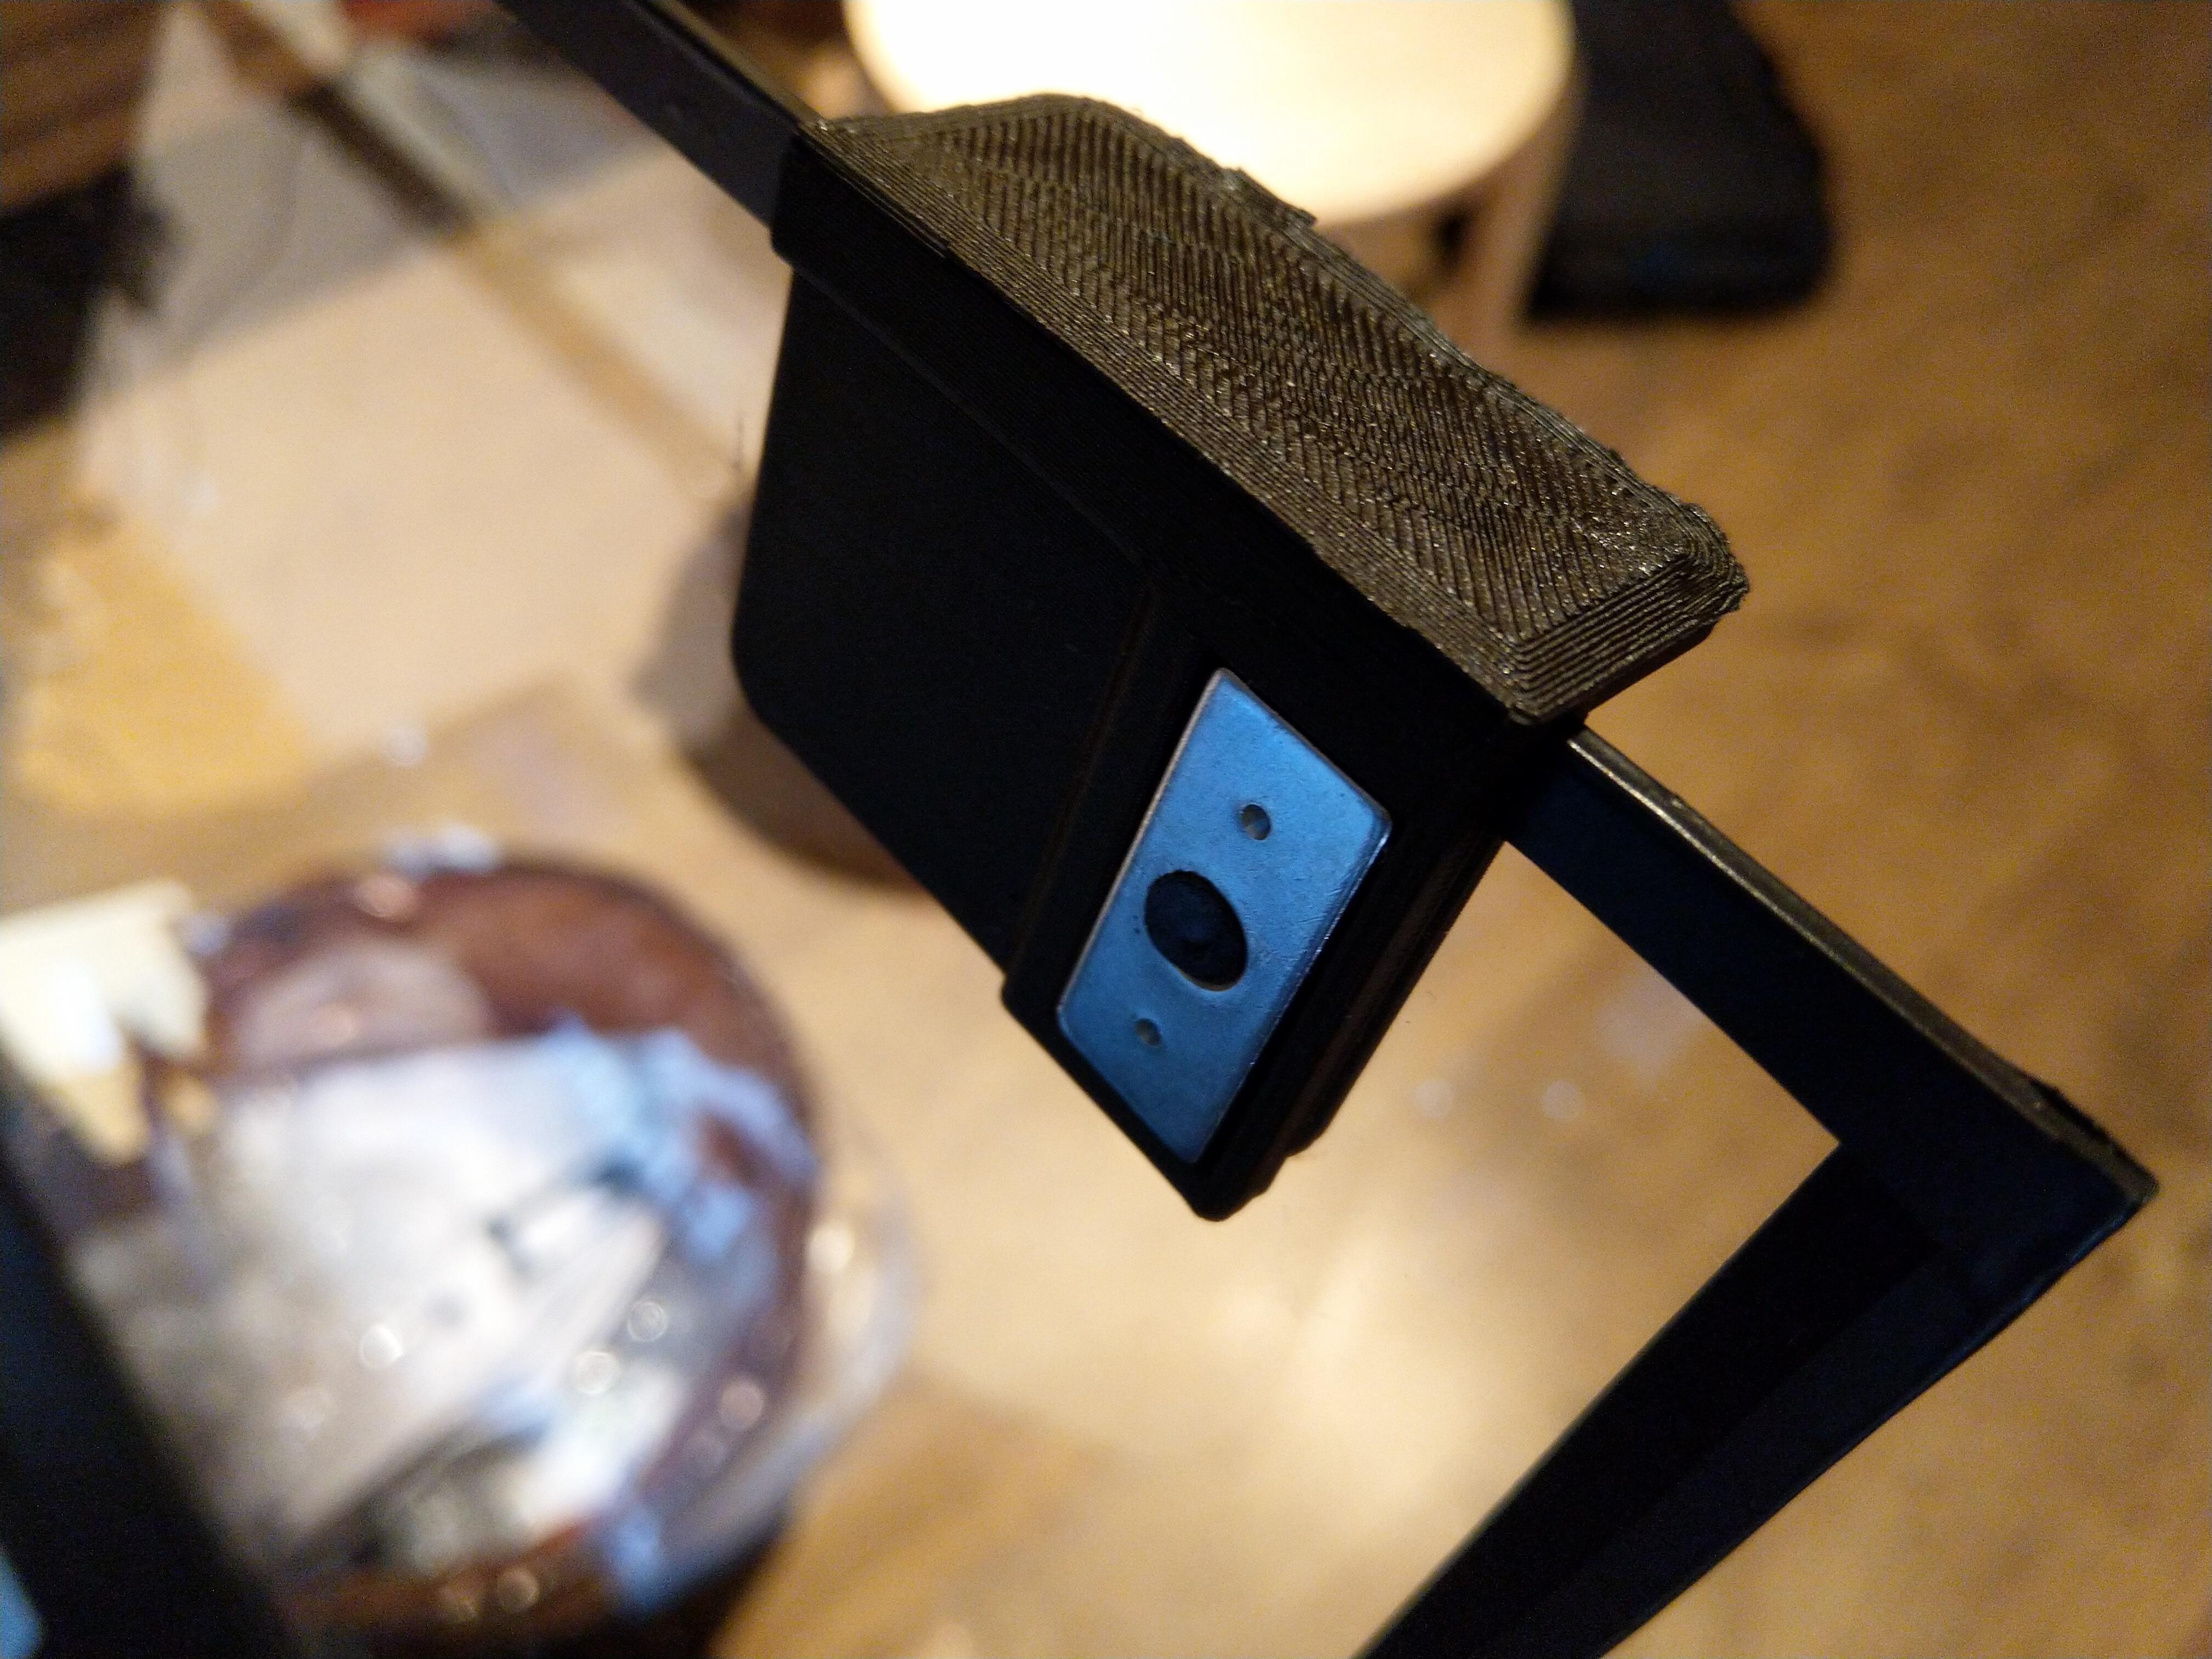 190516-IMG_20190516_074833.jpg Télécharger fichier STL gratuit Ikea manque de boîtier d'imprimante 3D • Plan pour impression 3D, Milan_Gajic